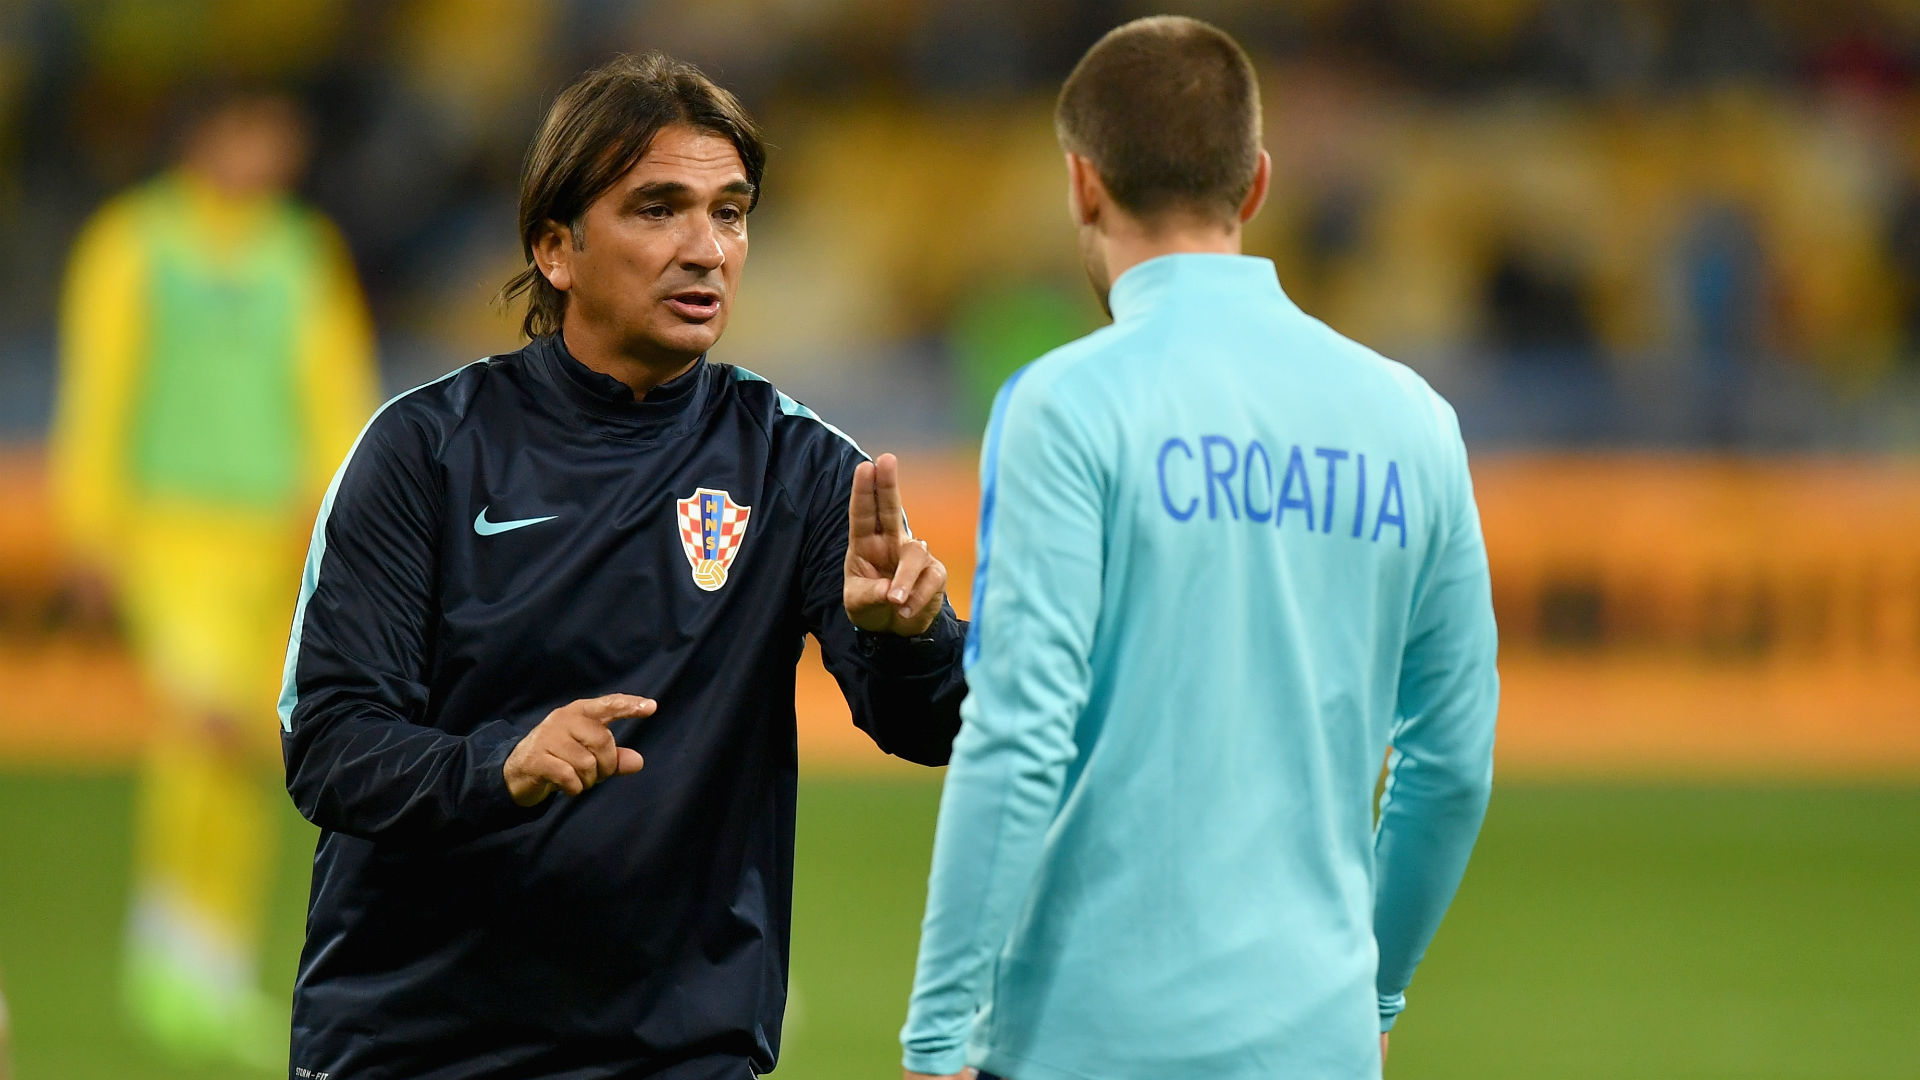 Kroaten in Russland dabei - WM-Aus für Skibbes Griechen